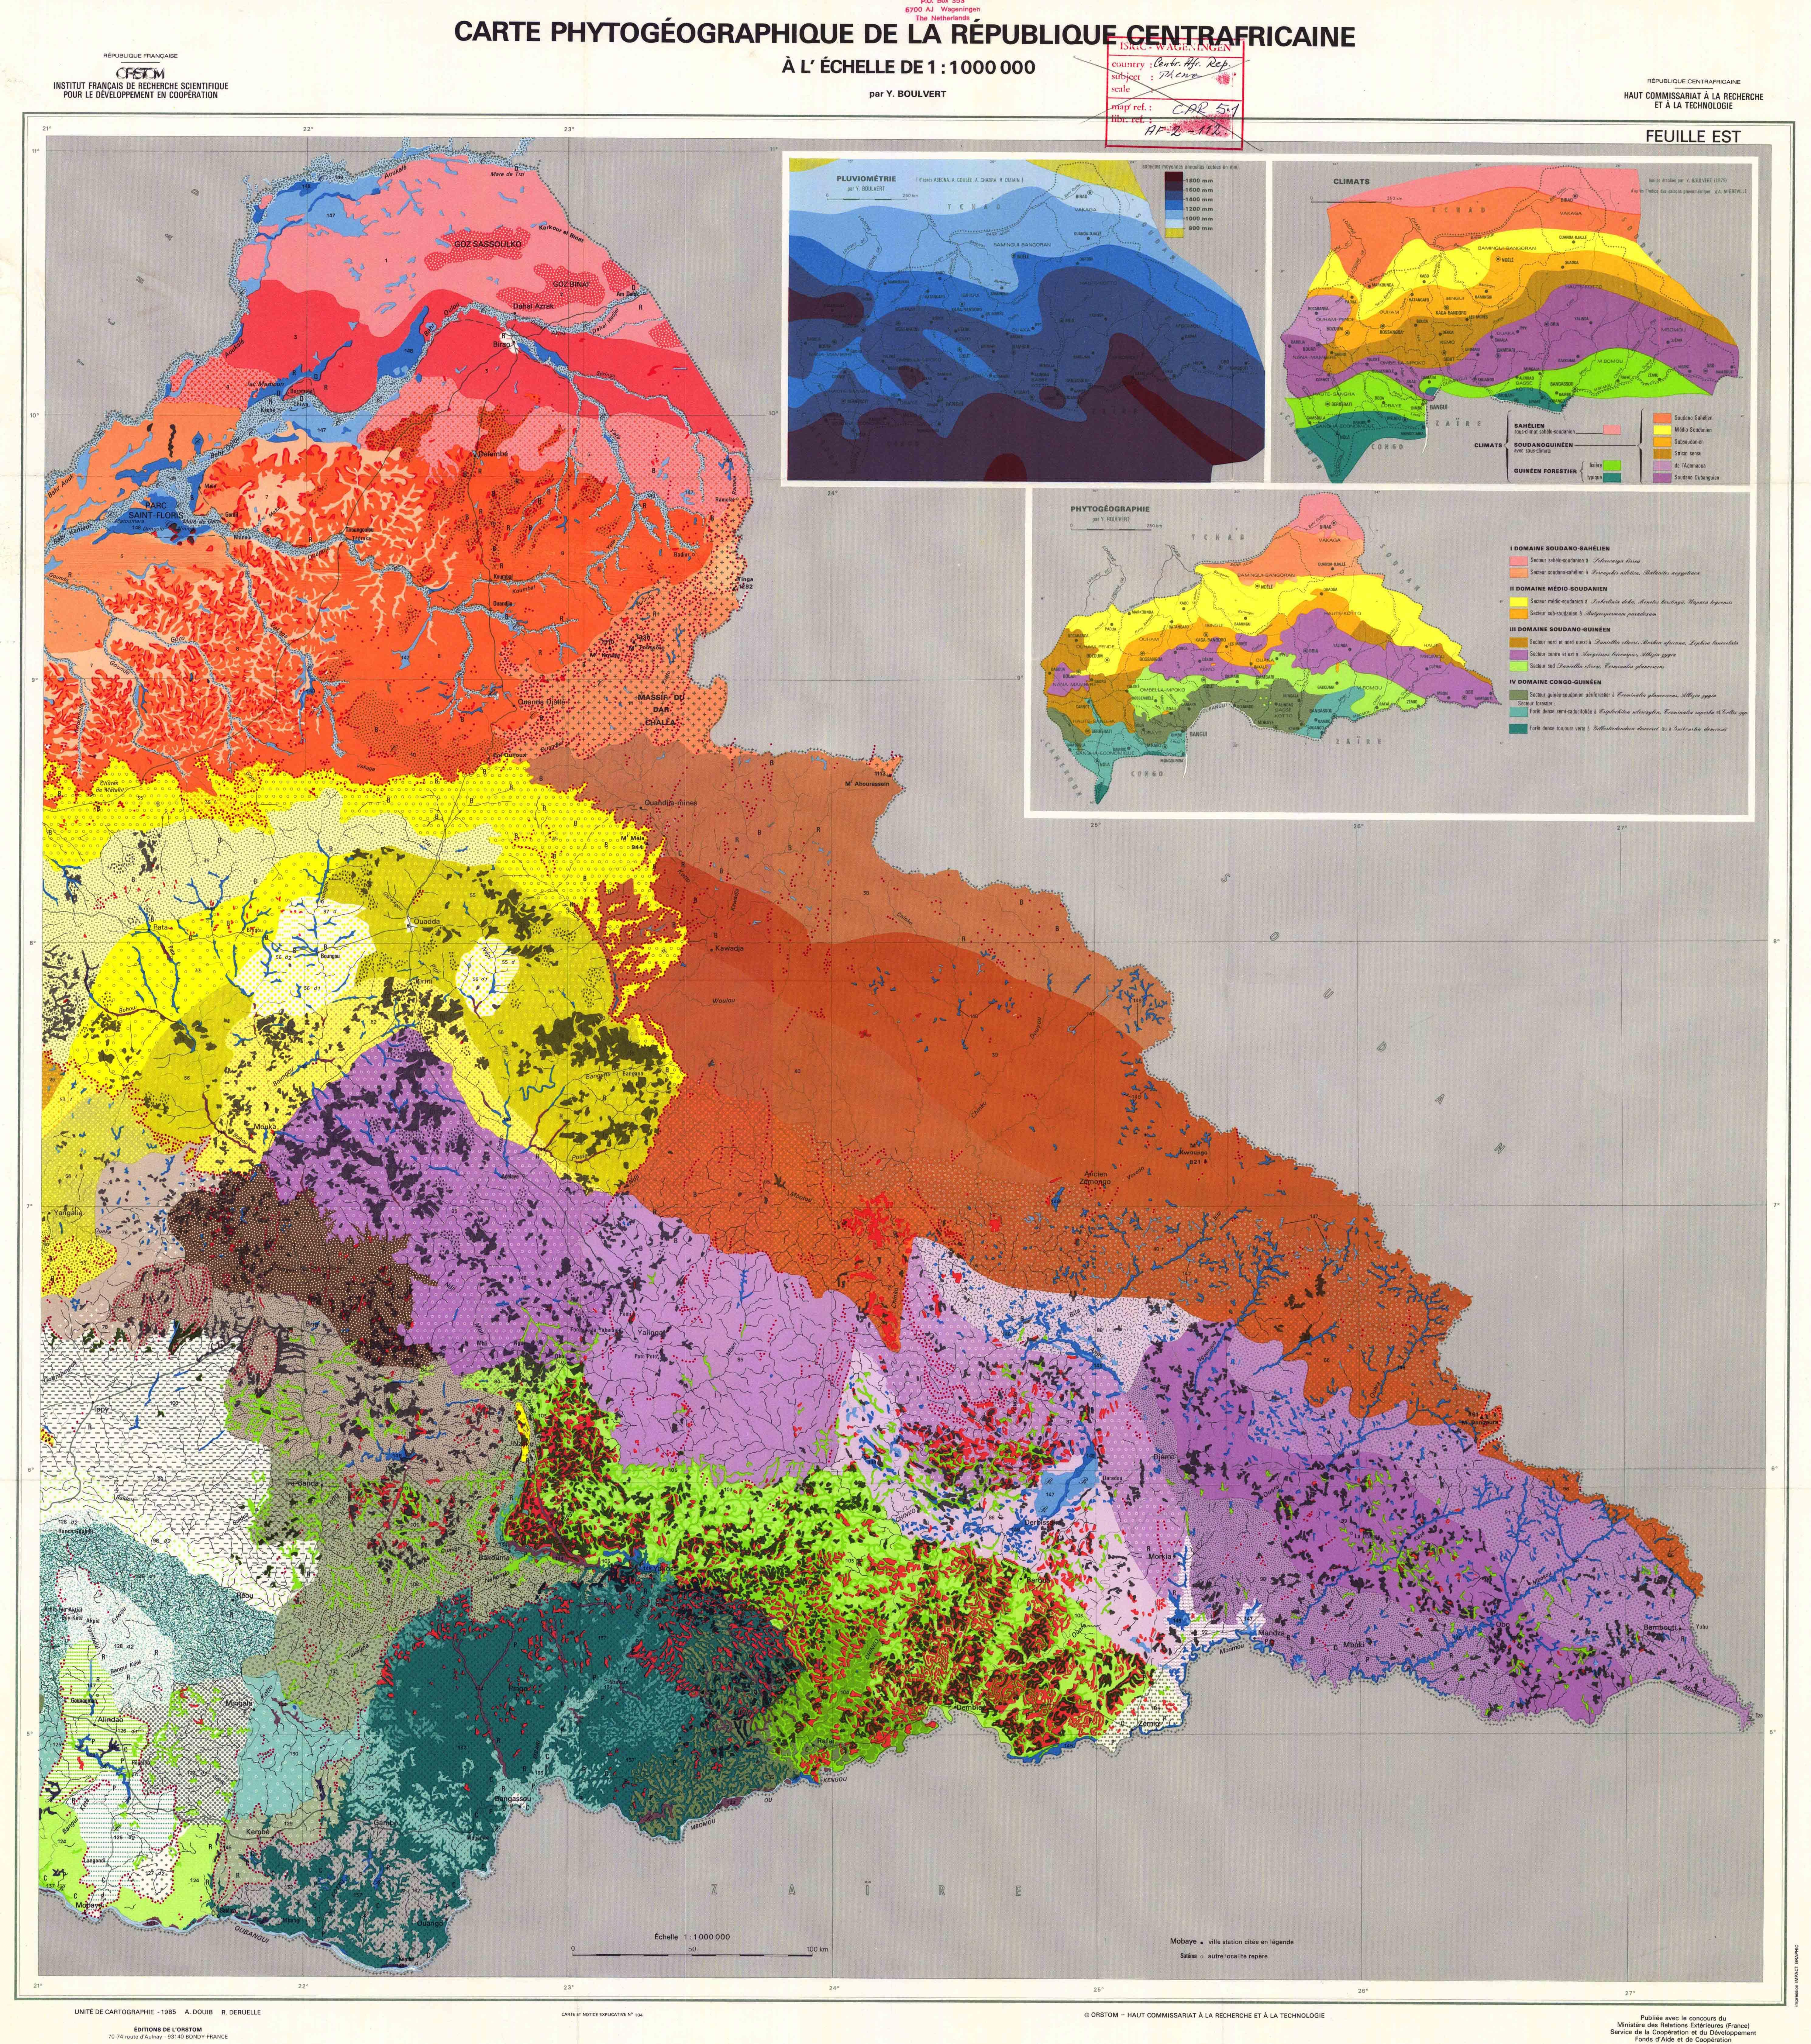 Carte Pdologique de la Rpublique Centrafricaine Bossangoa Ouham